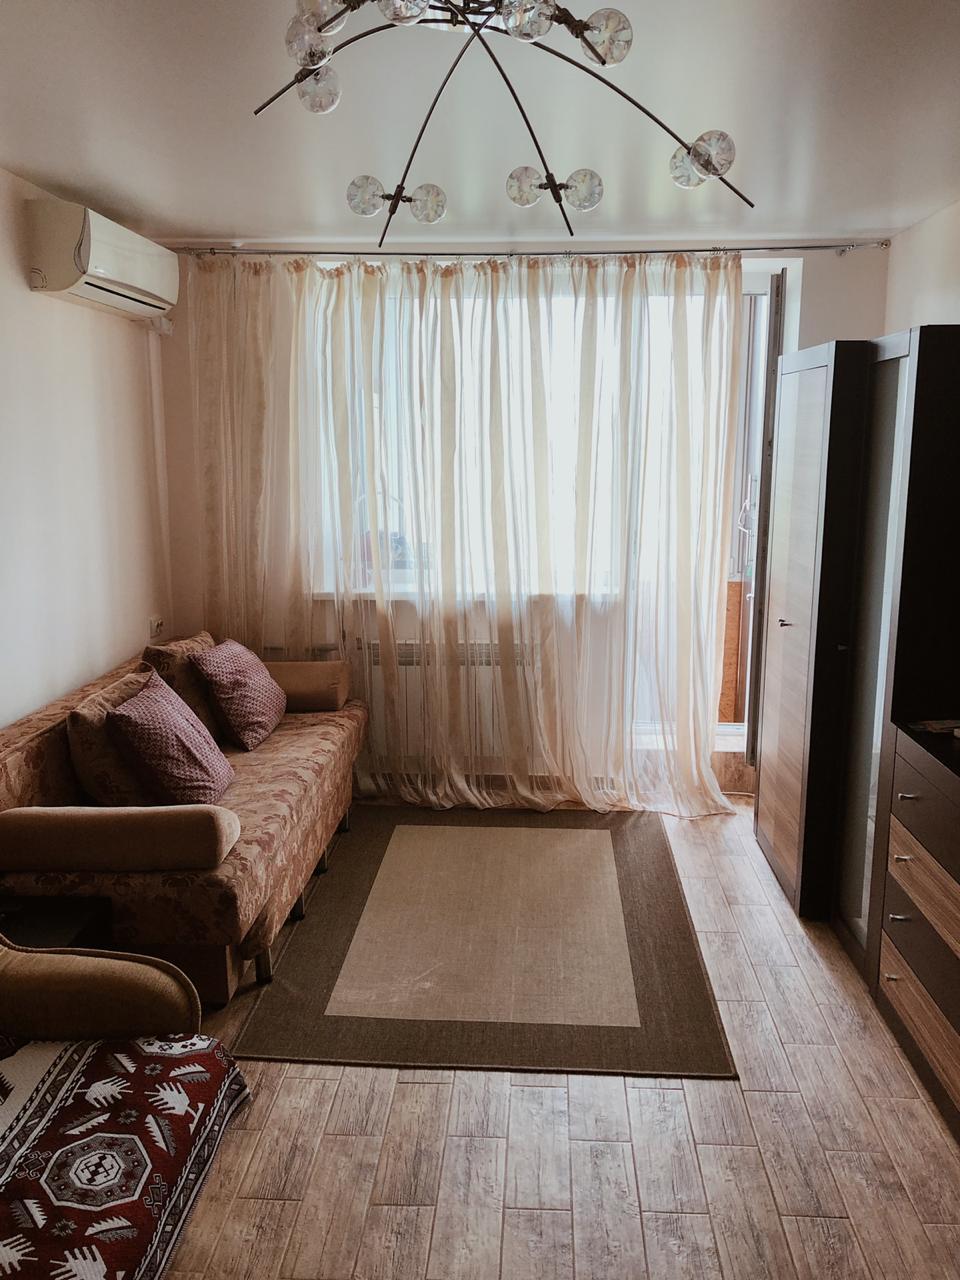 Продаётся 1 комнатная квартира по ул.Демышева в Центре г.Евпатория.